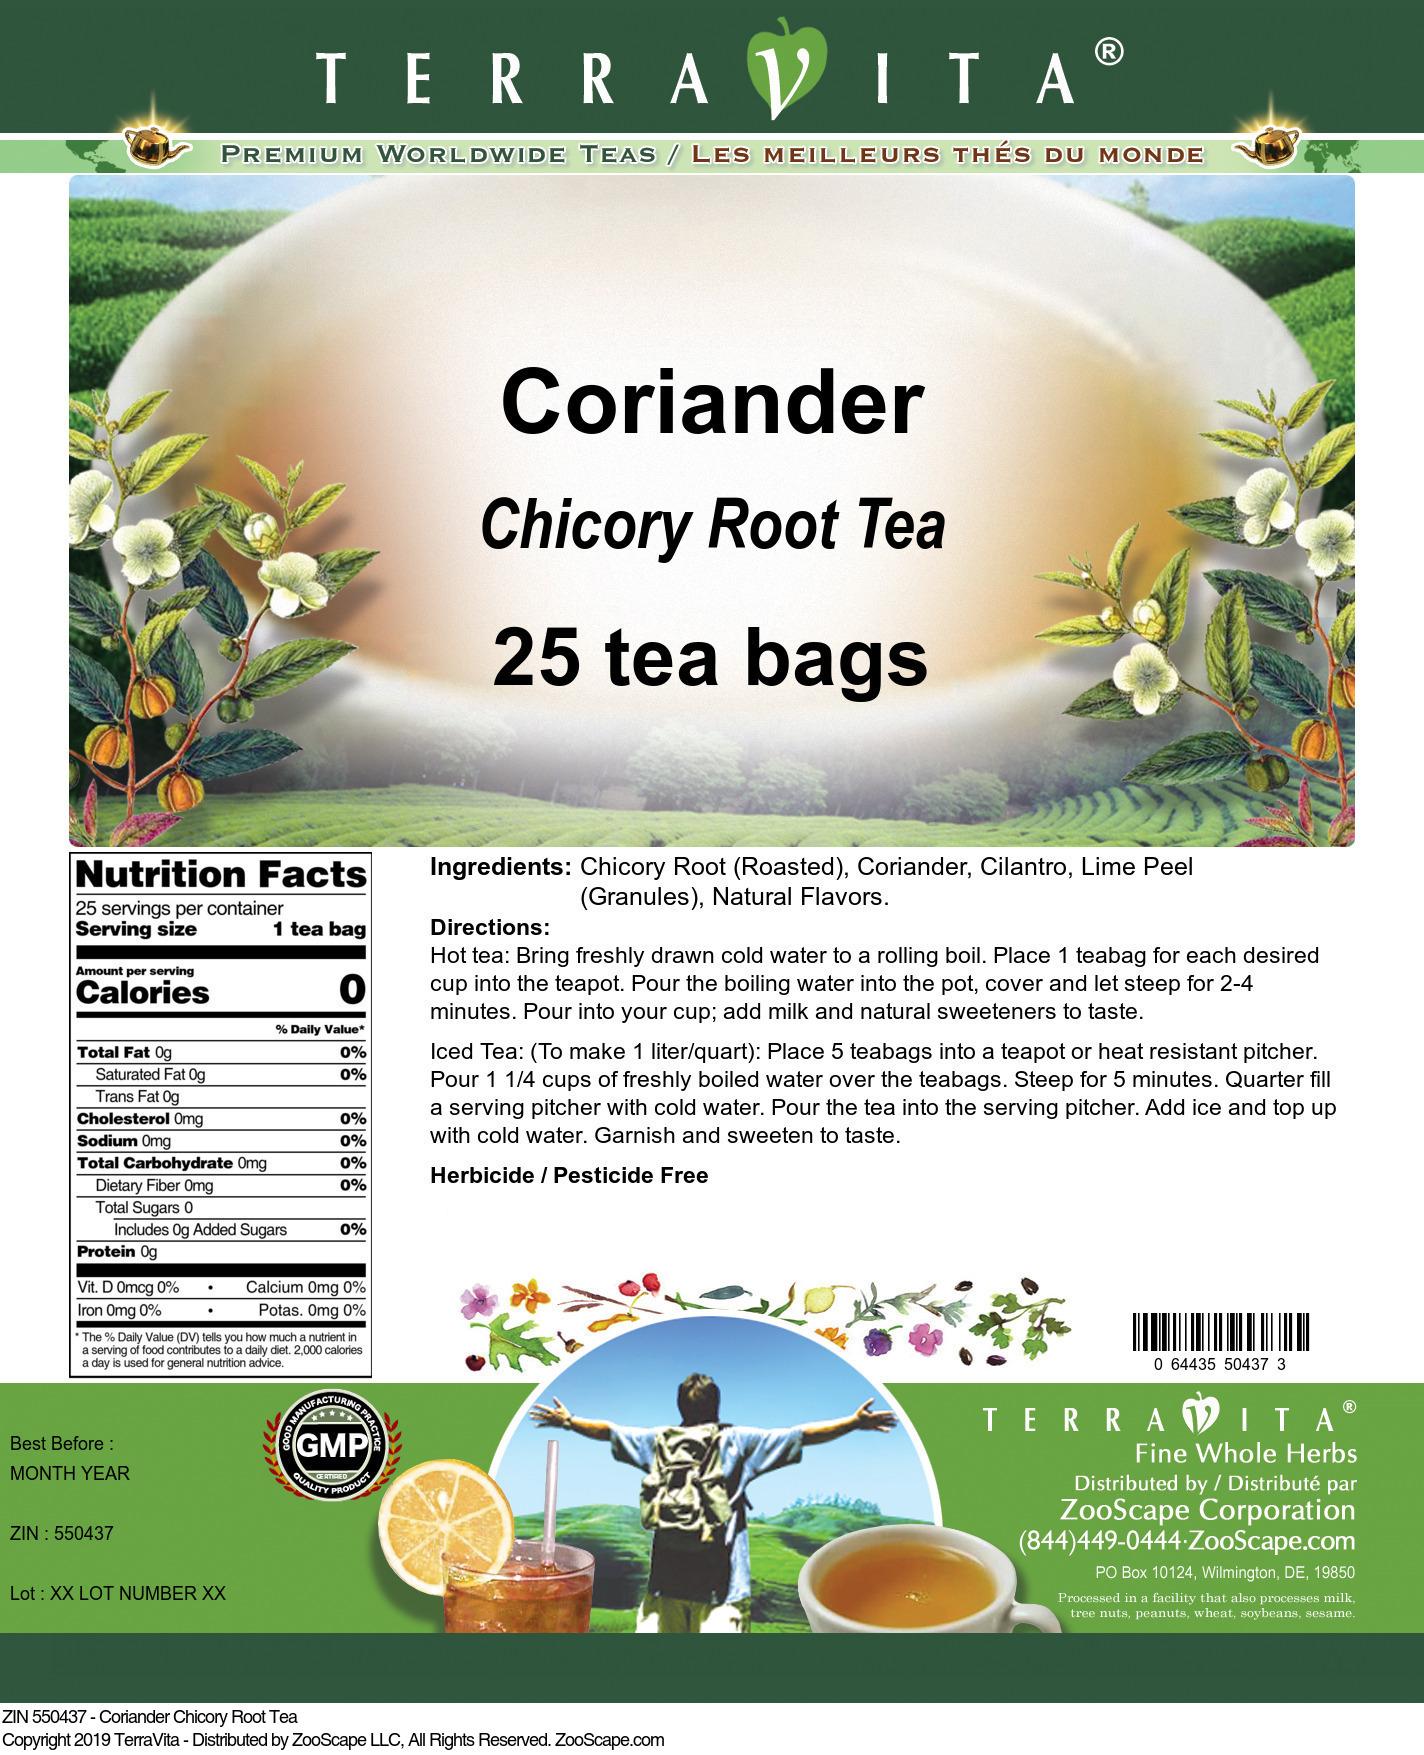 Coriander Chicory Root Tea